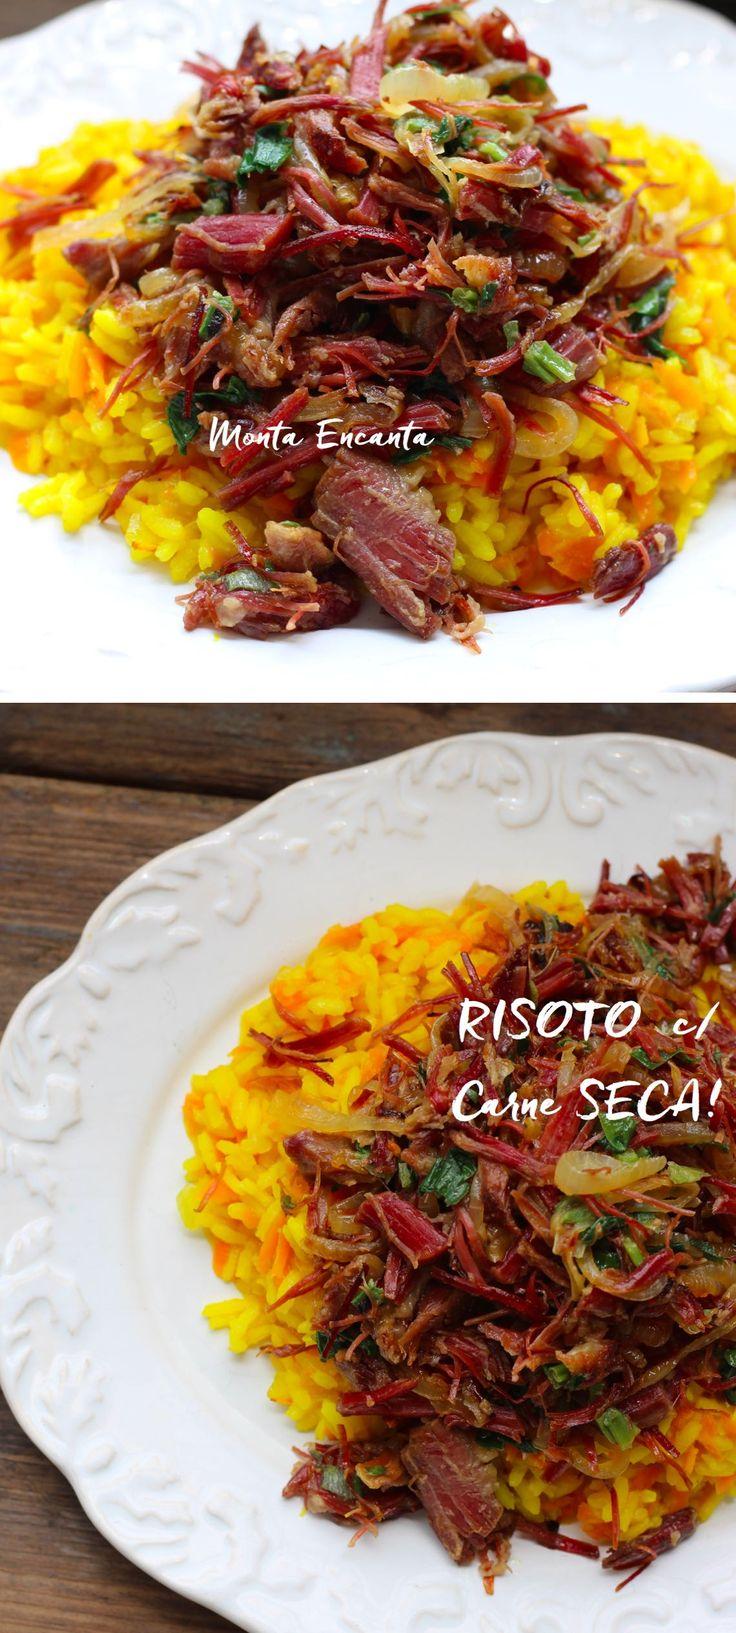 Risoto com Carne Seca saboroso, refogado com cebolas caramelizadas e servido sobre um delicioso risoto amarelinho de cúrcuma fresca, cremoso e al dente.